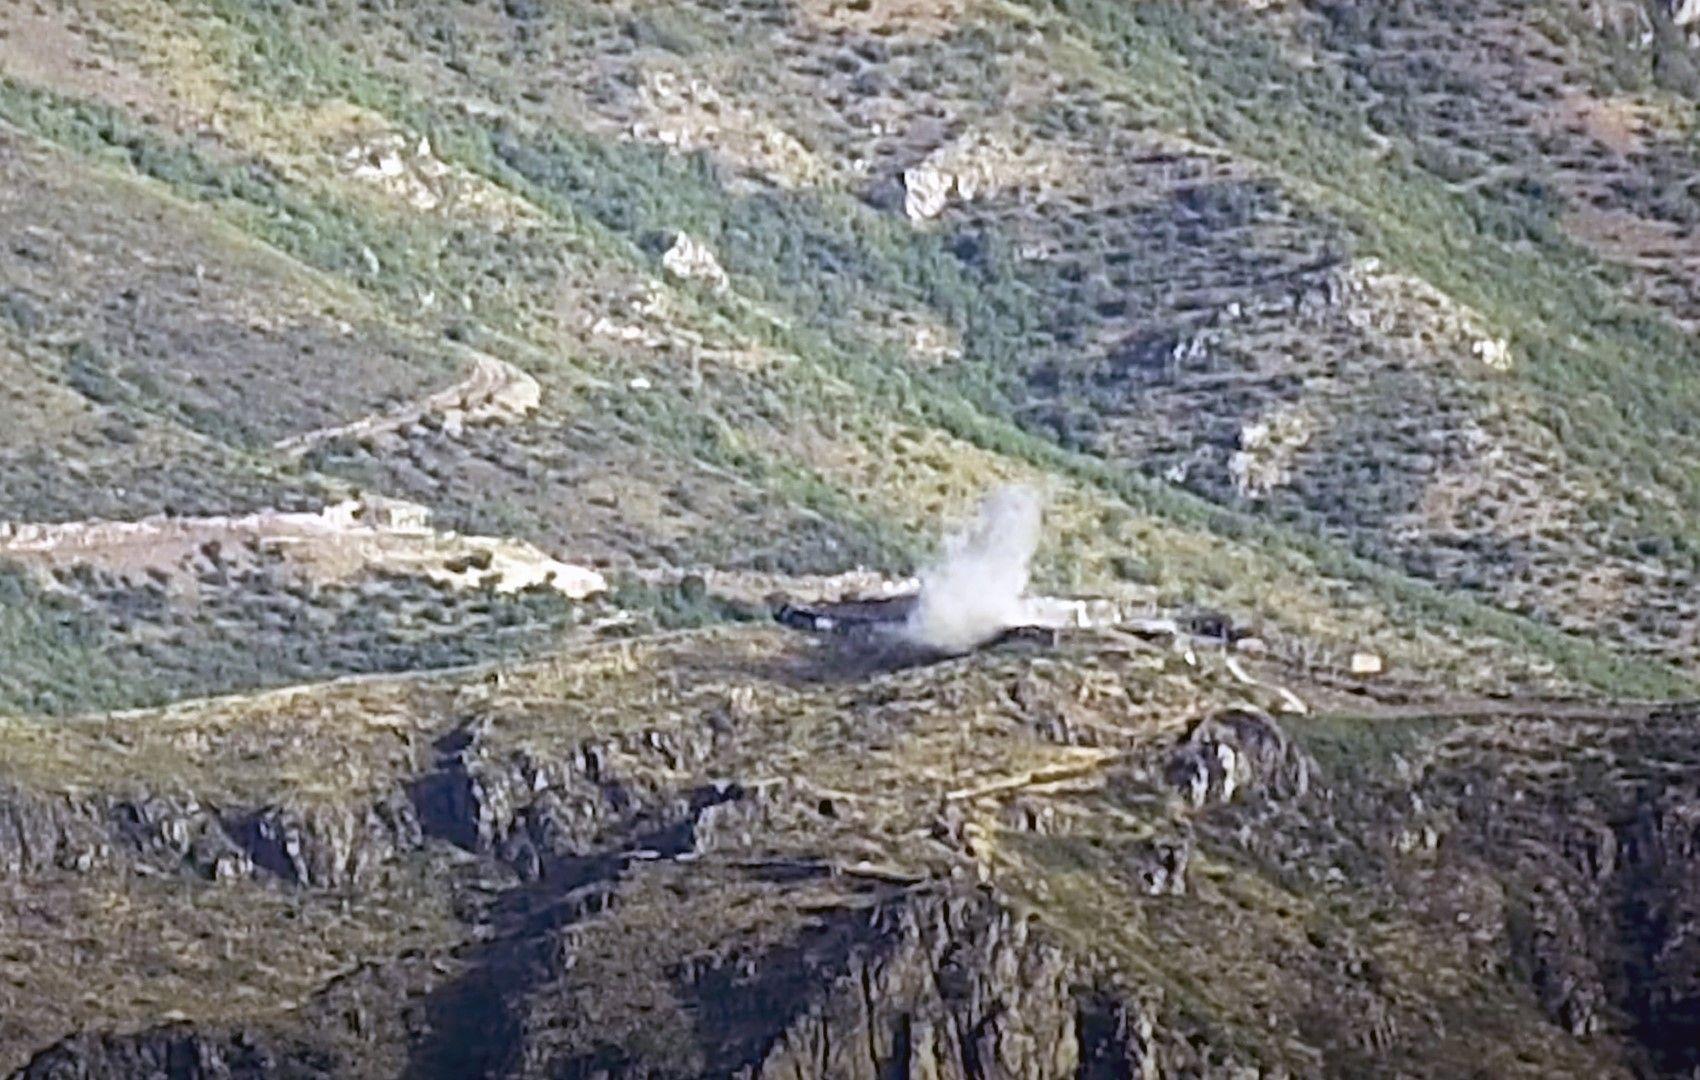 Дим от експлозиите при обстрел от арменските сили в района на Товус, Азербайджан. Снимката е разпространена от Министерството на отбраната на Армения